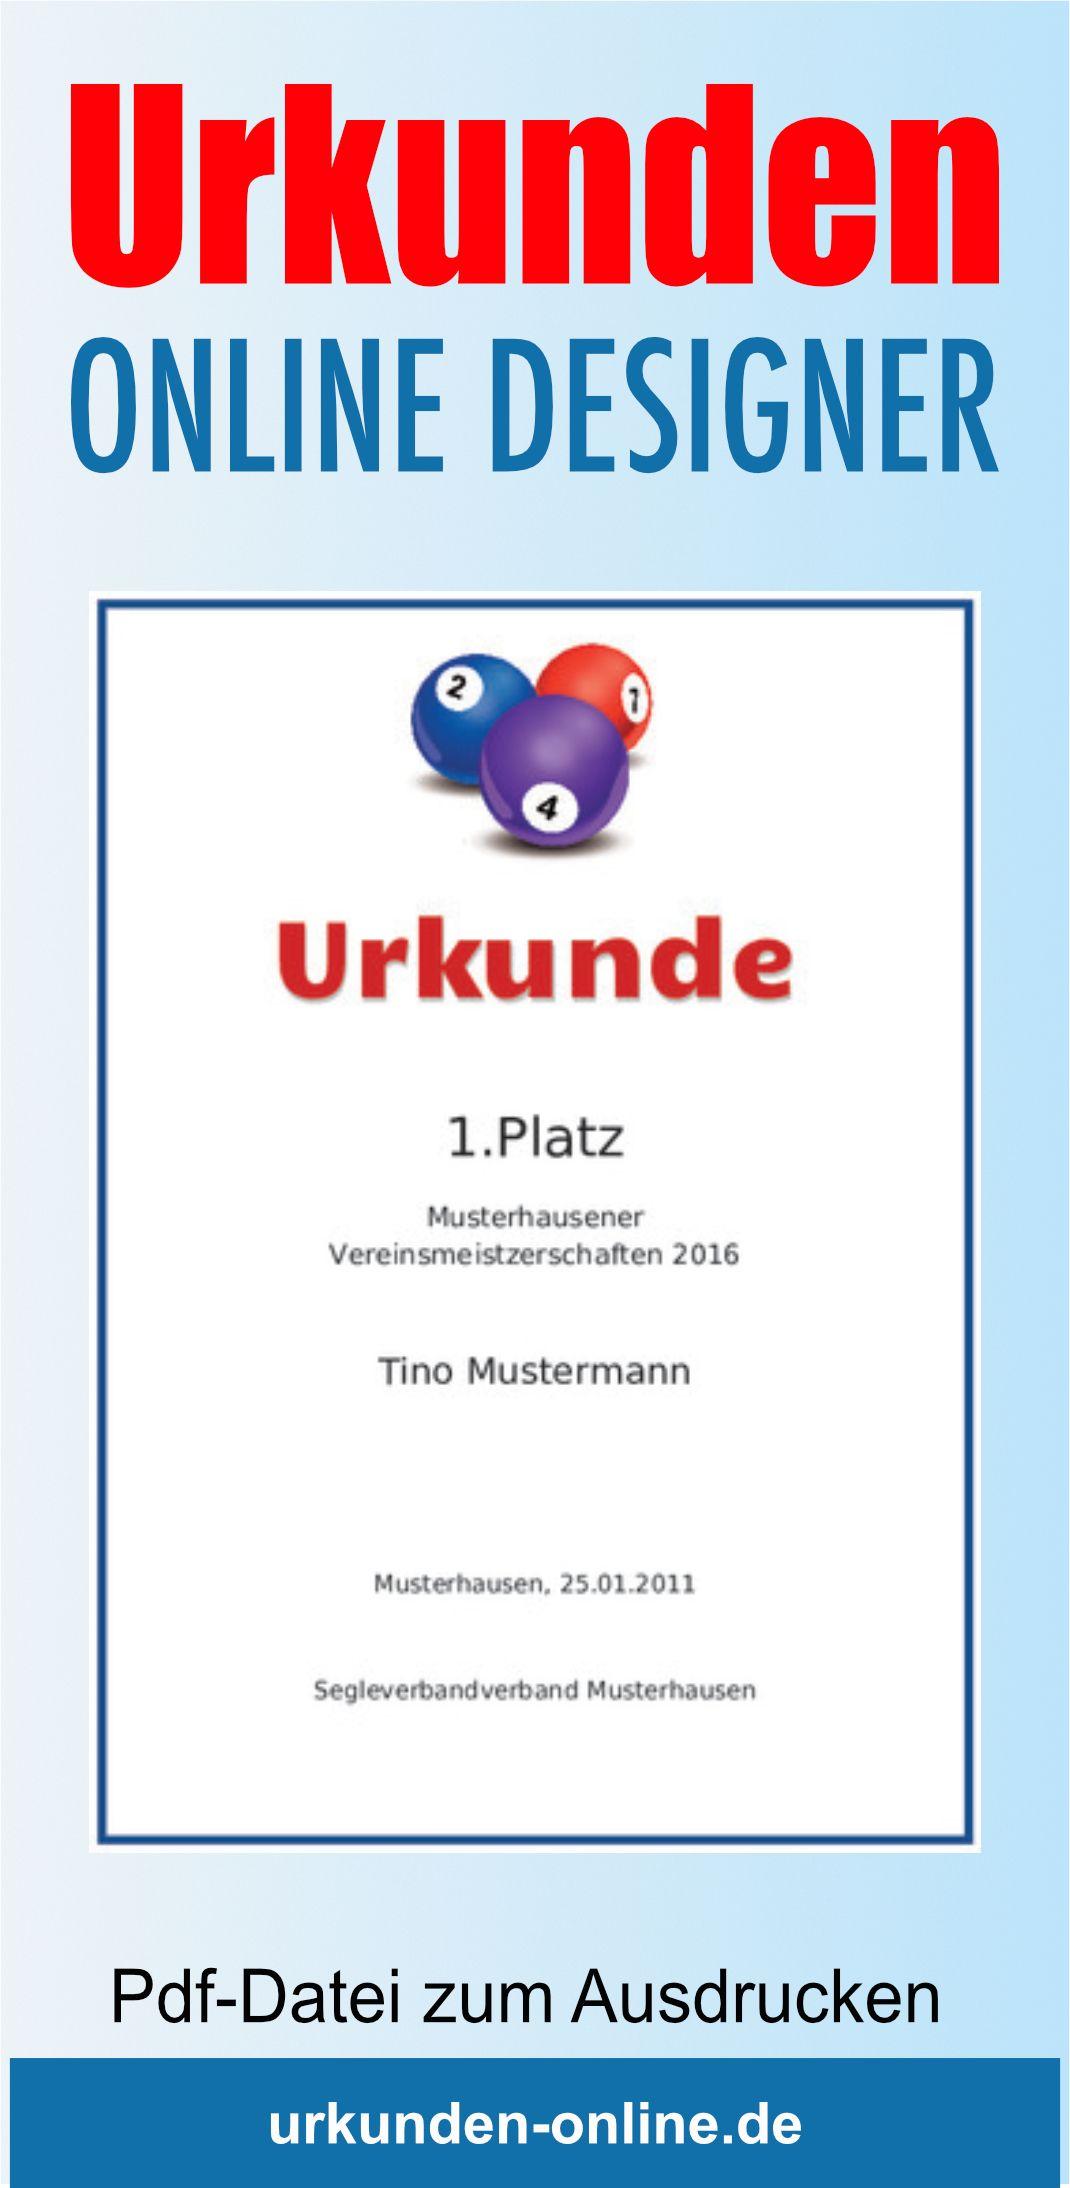 Ansprechende Billardurkunde Online Gestalten Und Drucken Urkunde Billard Gestalten